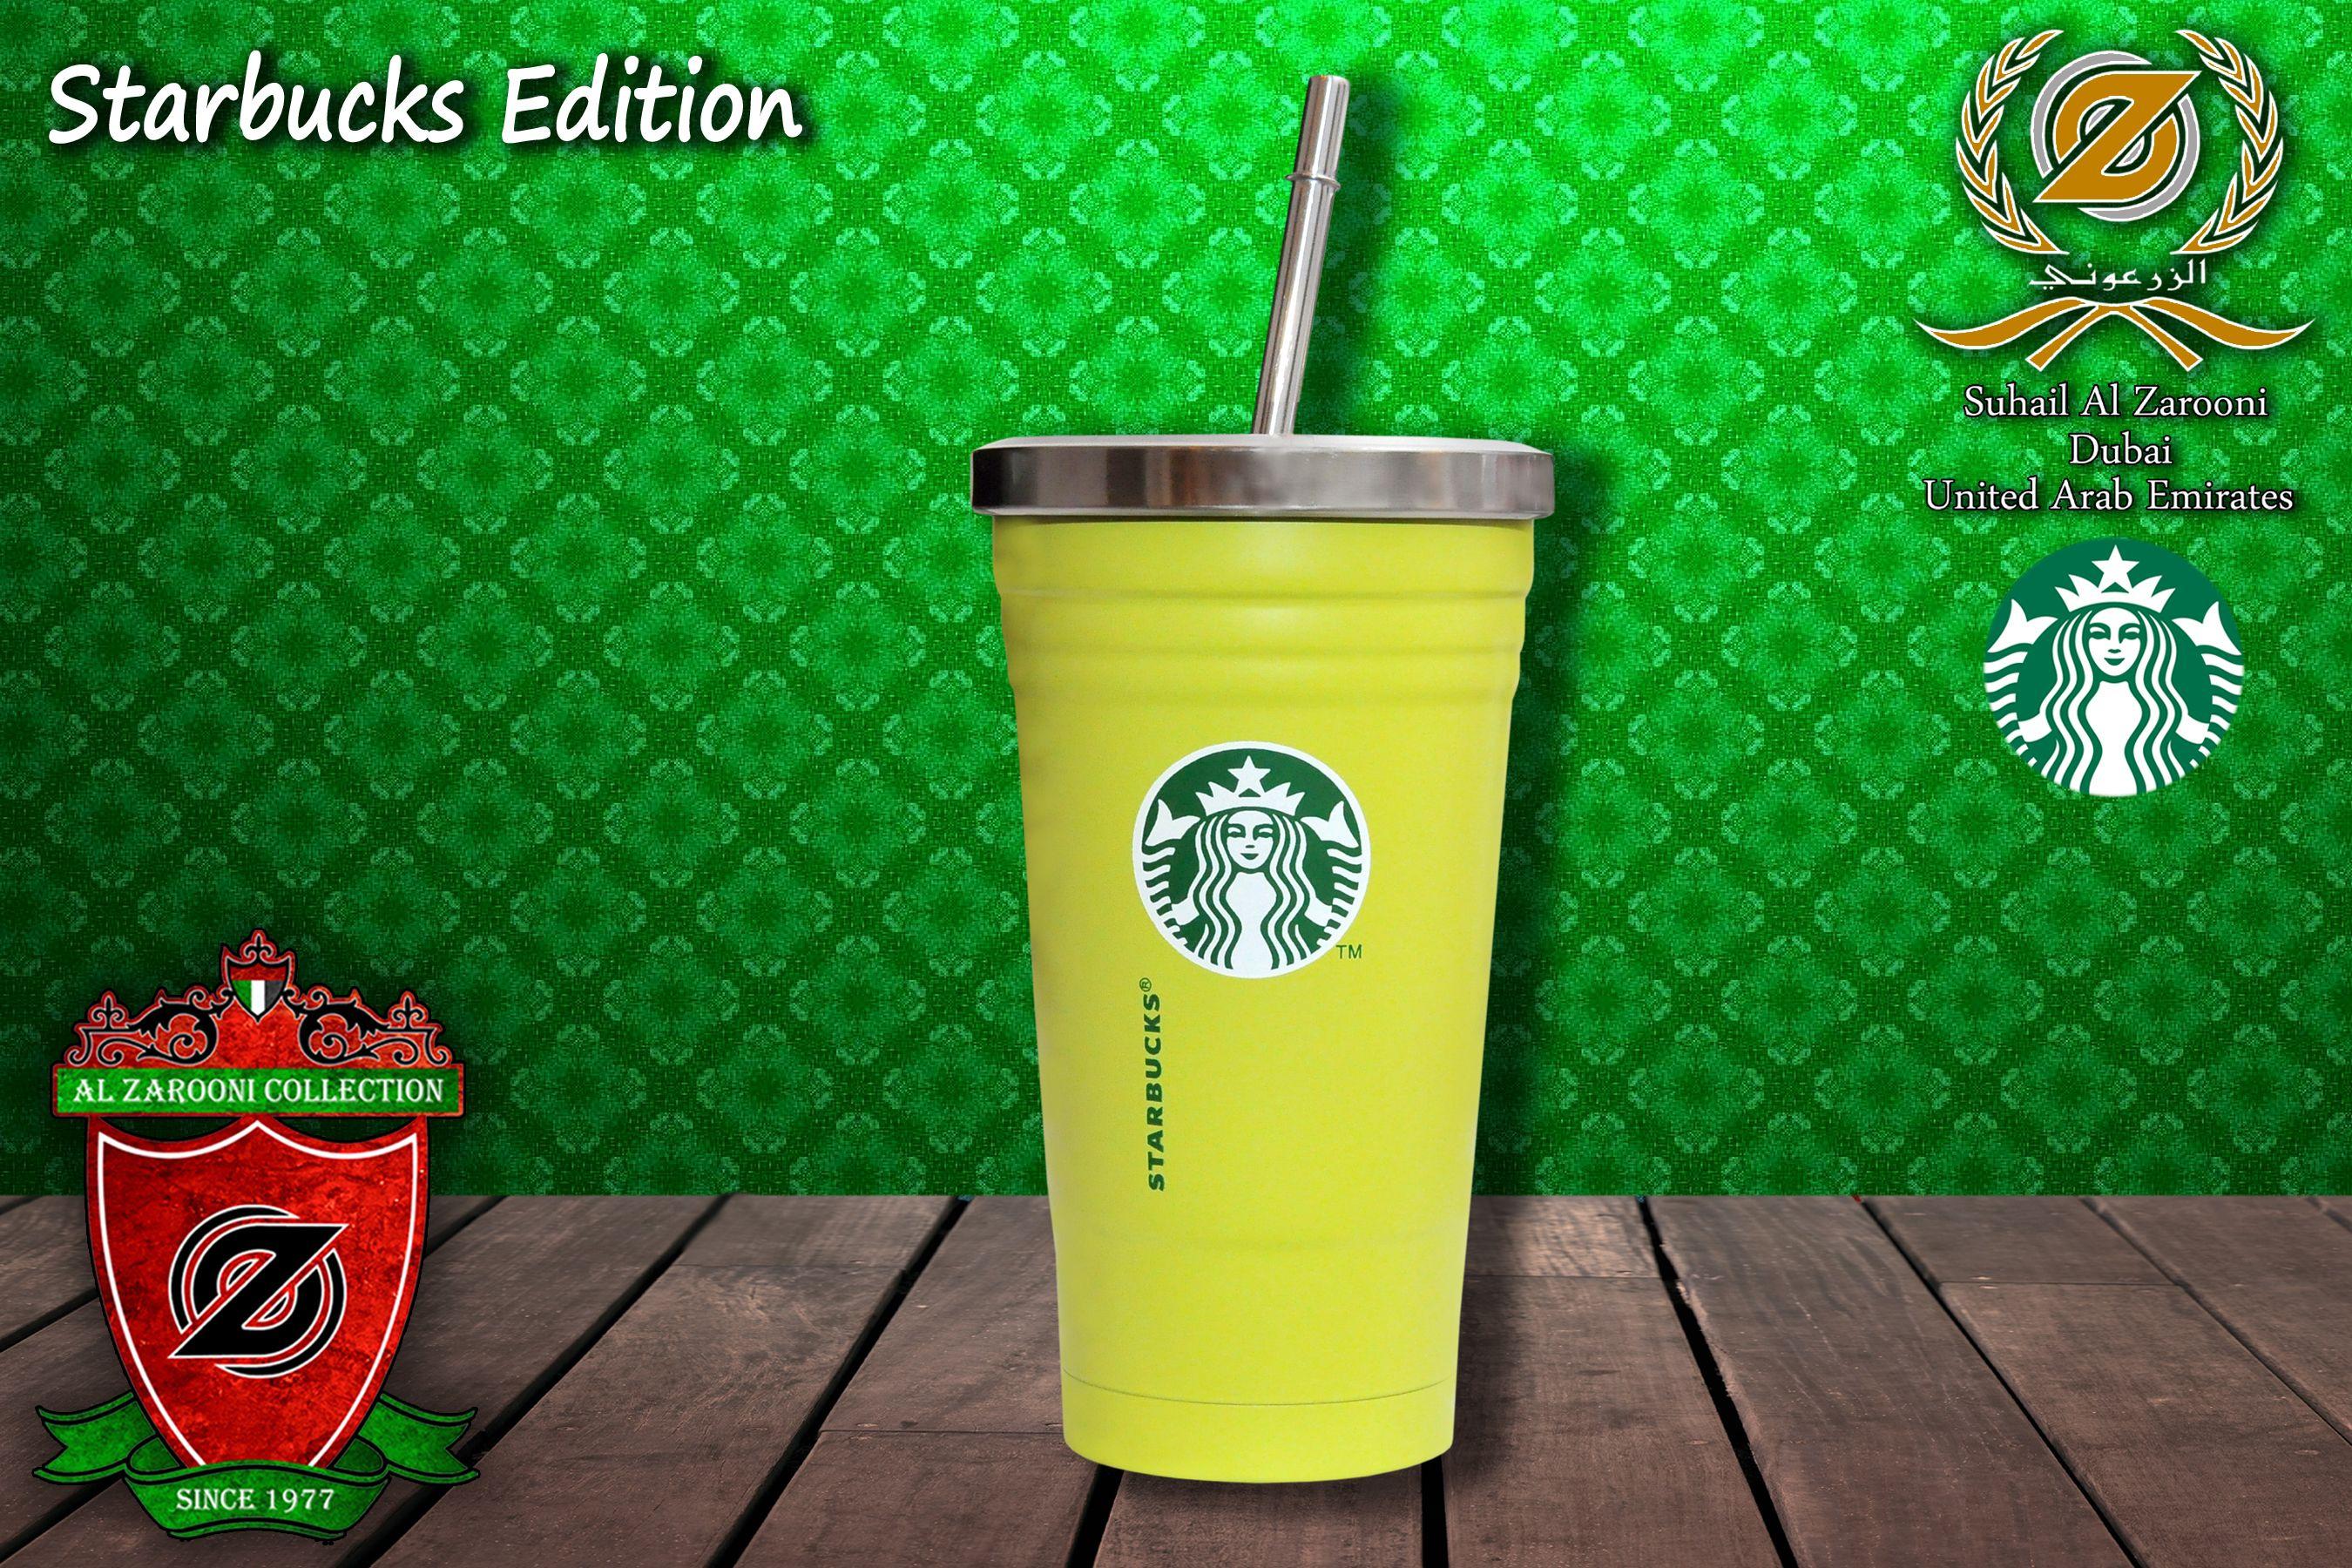 Pin on Starbucks Stainless Steel & Plastic Travel Tumbler